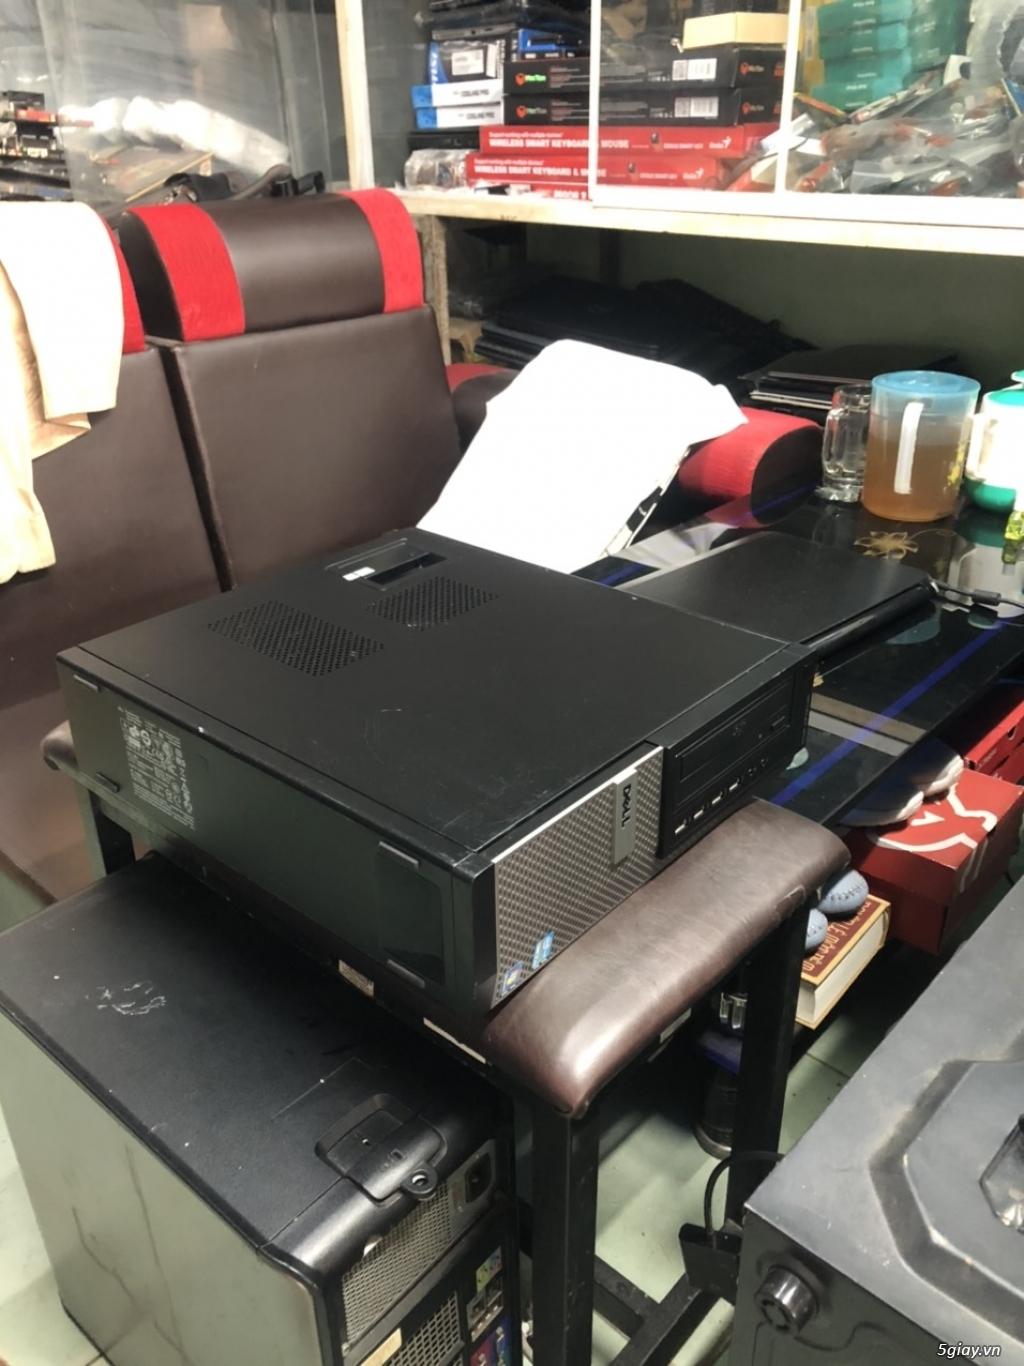 Cty thanh lý máy bộ dell 7010 ... giá siêu rẻ - 2